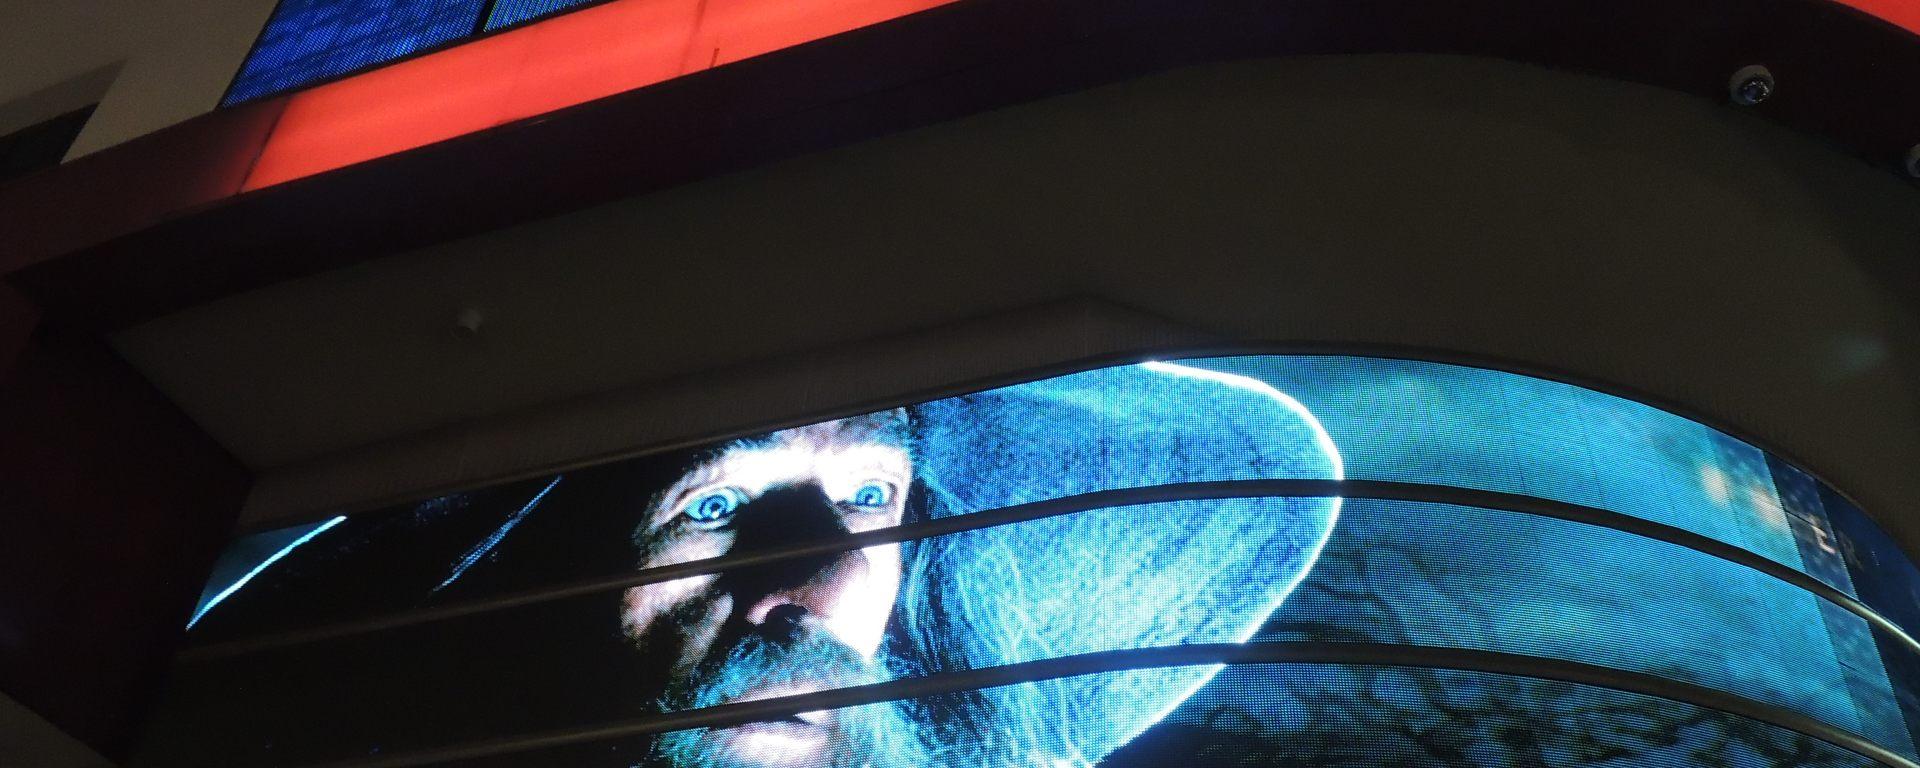 nouveau sélection réduction jusqu'à 60% nouvelle qualité Le Hobbit ou la désolation de faire la queue au ciné. – Tu ...